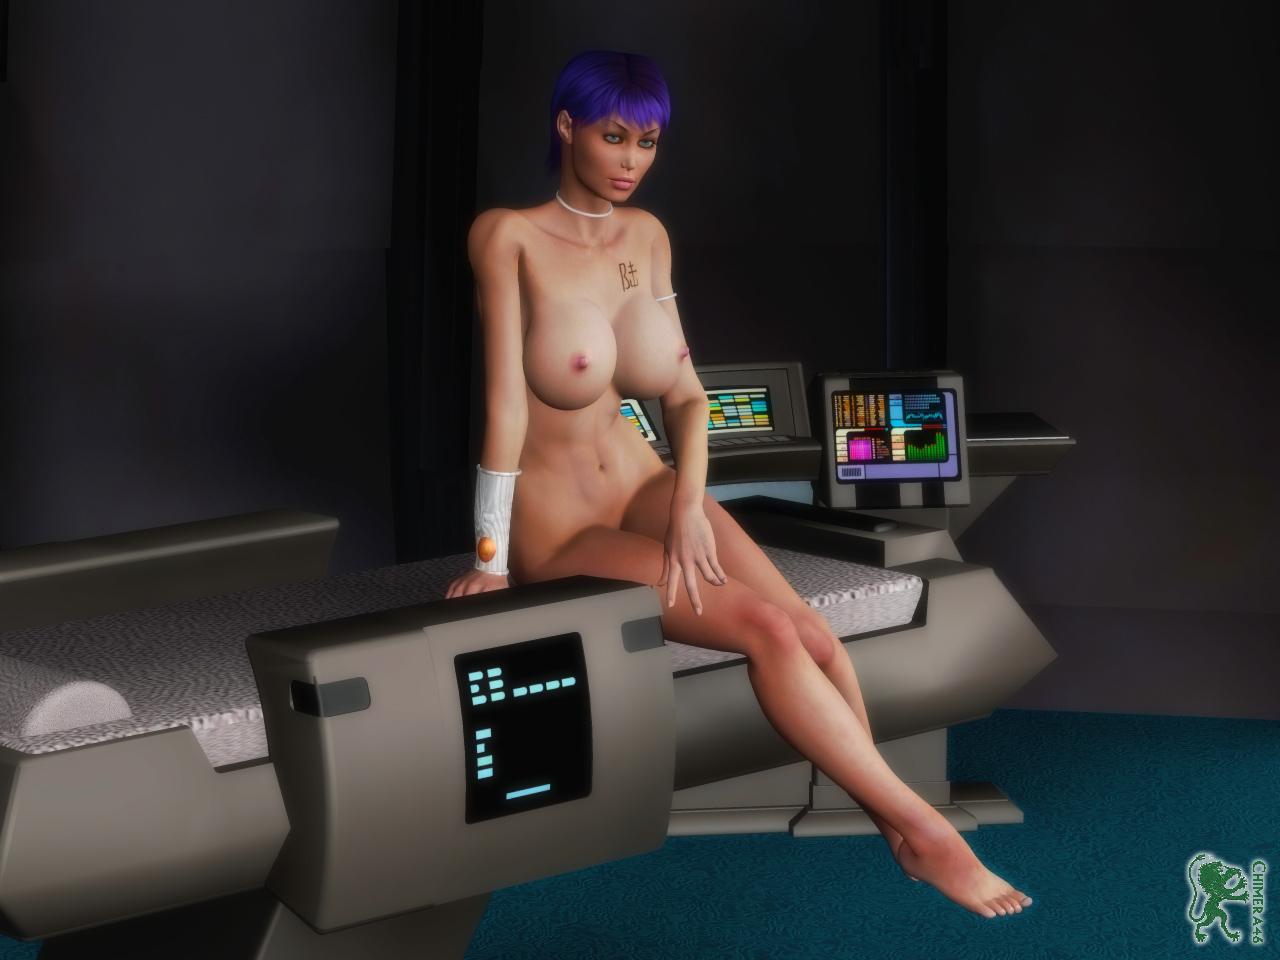 porno-rasplyushenniy-kosmos-video-gruzini-i-russkie-prostitutki-porno-video-prosmotr